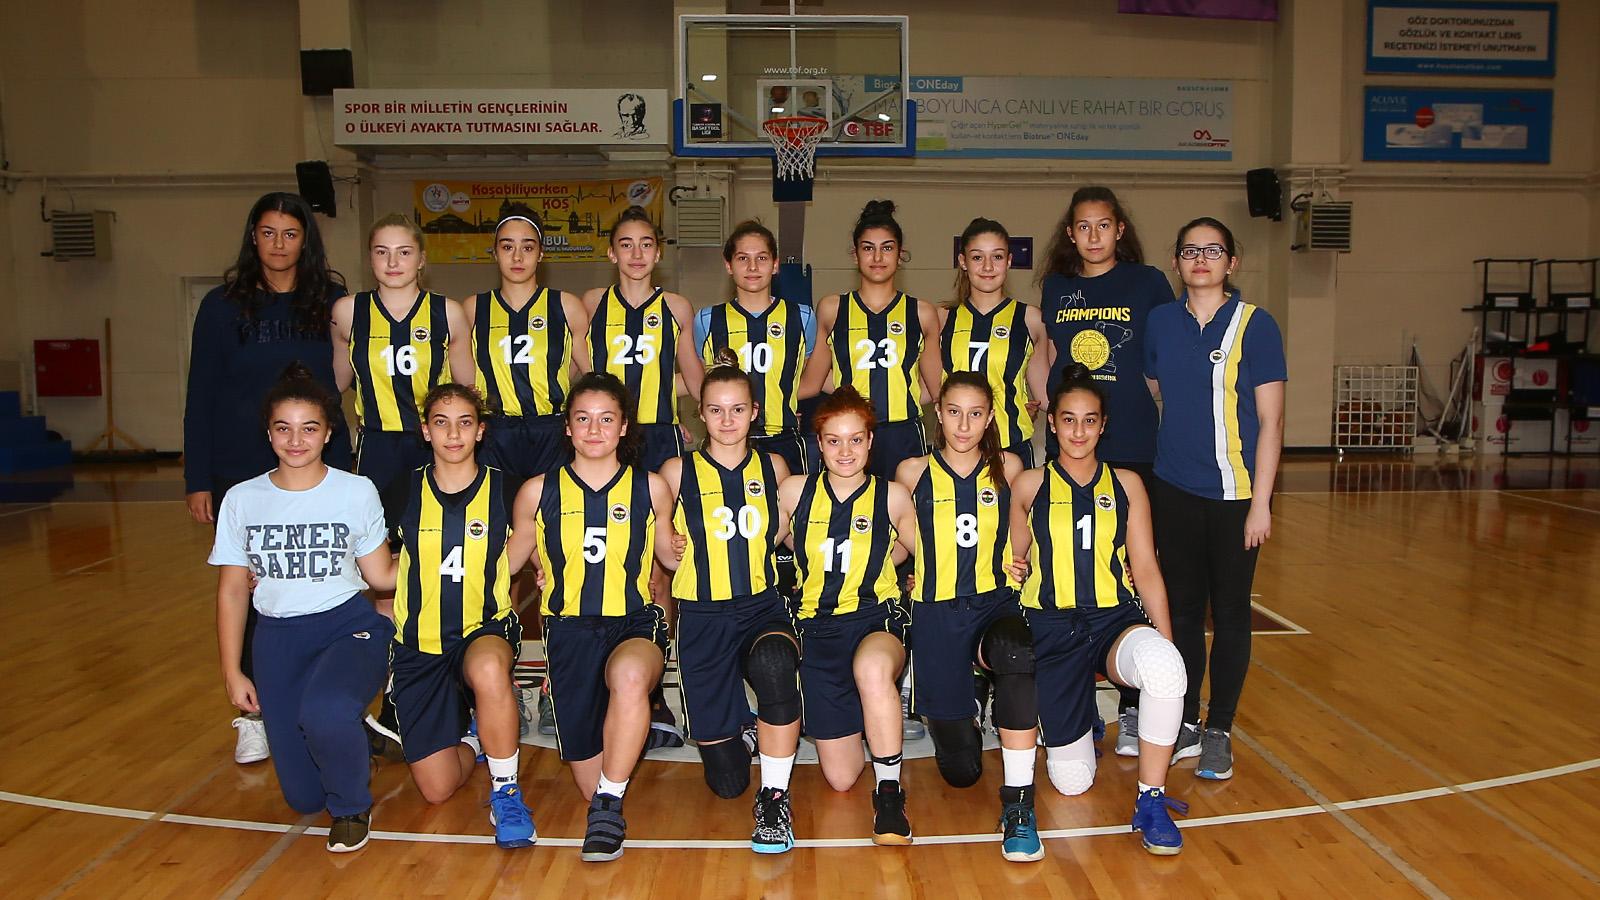 Fenerbahçe 62-59 Beşiktaş (Yıldız Kız Basketbol)